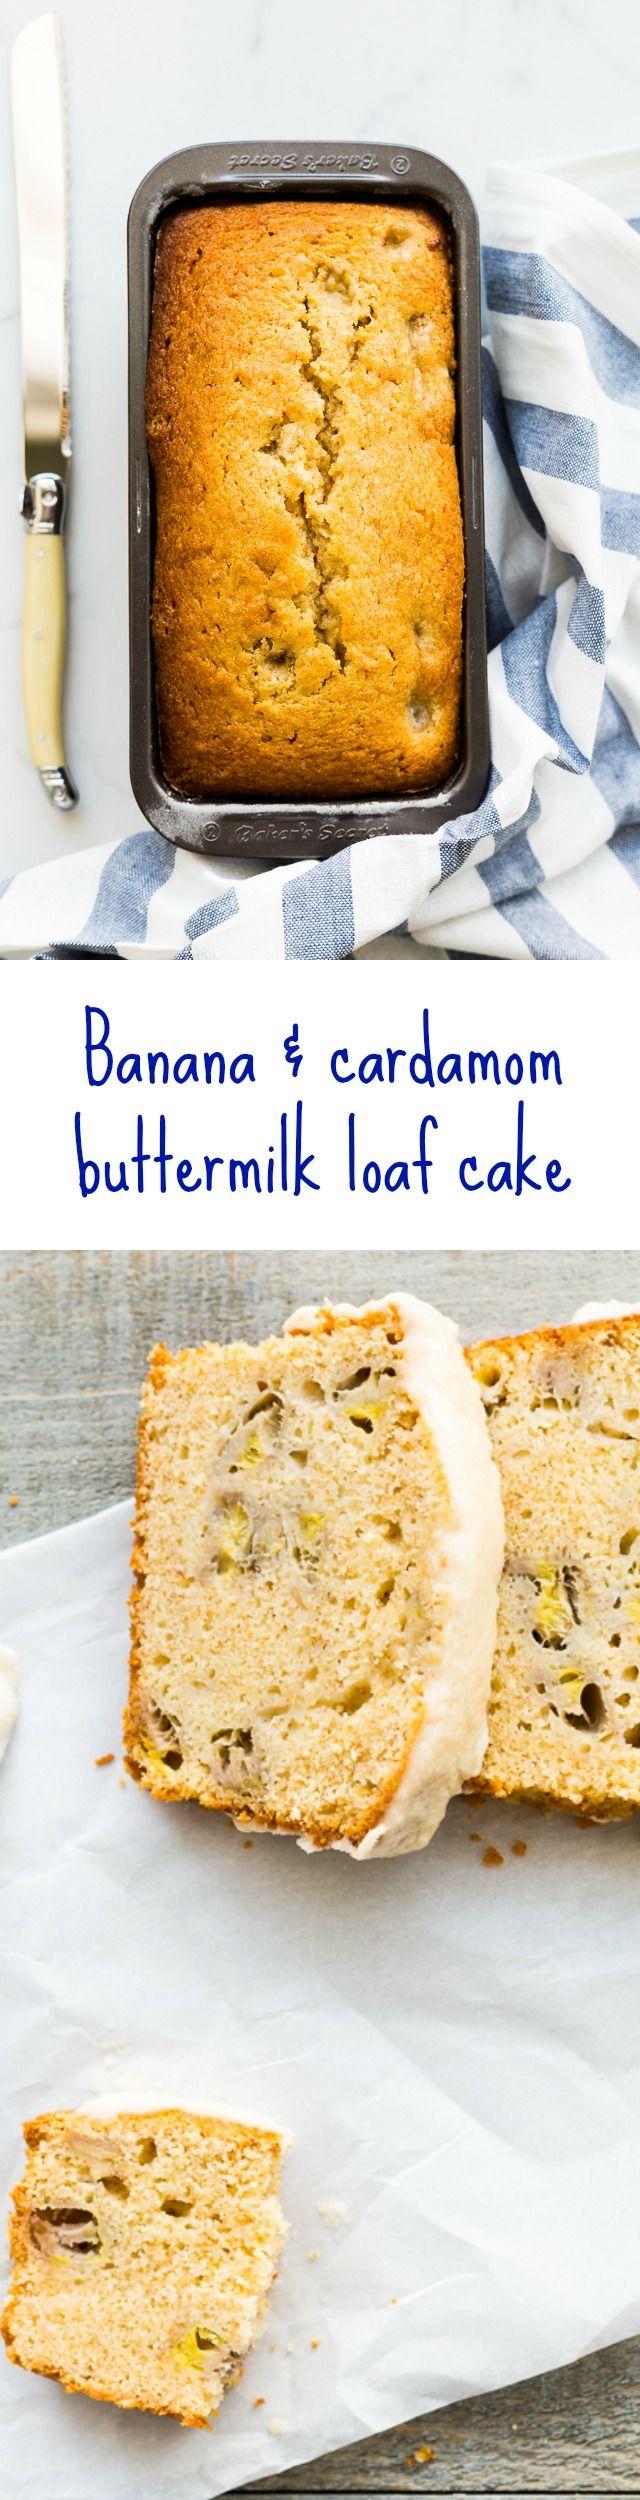 바나나&카다맘 버터밀크 로프 케이크